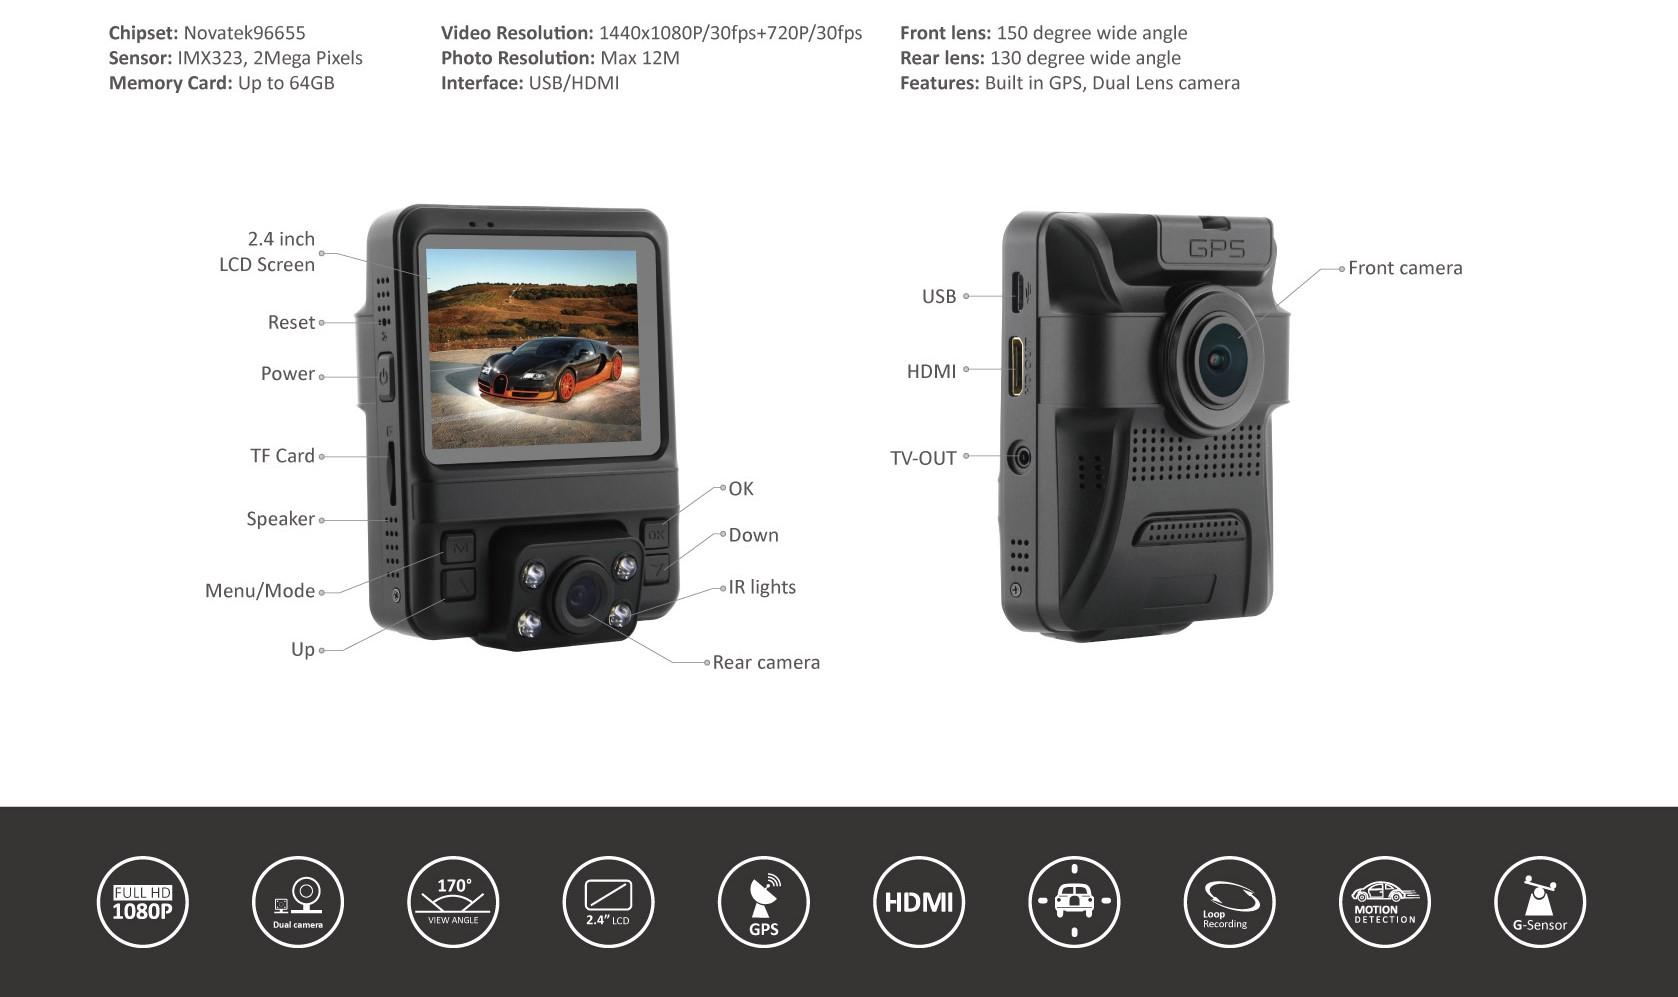 מצלמת דרך עם עדשה פנימית וחיצונית HD עם GPS מותג TAXIBOX - מפרט וגפתורים